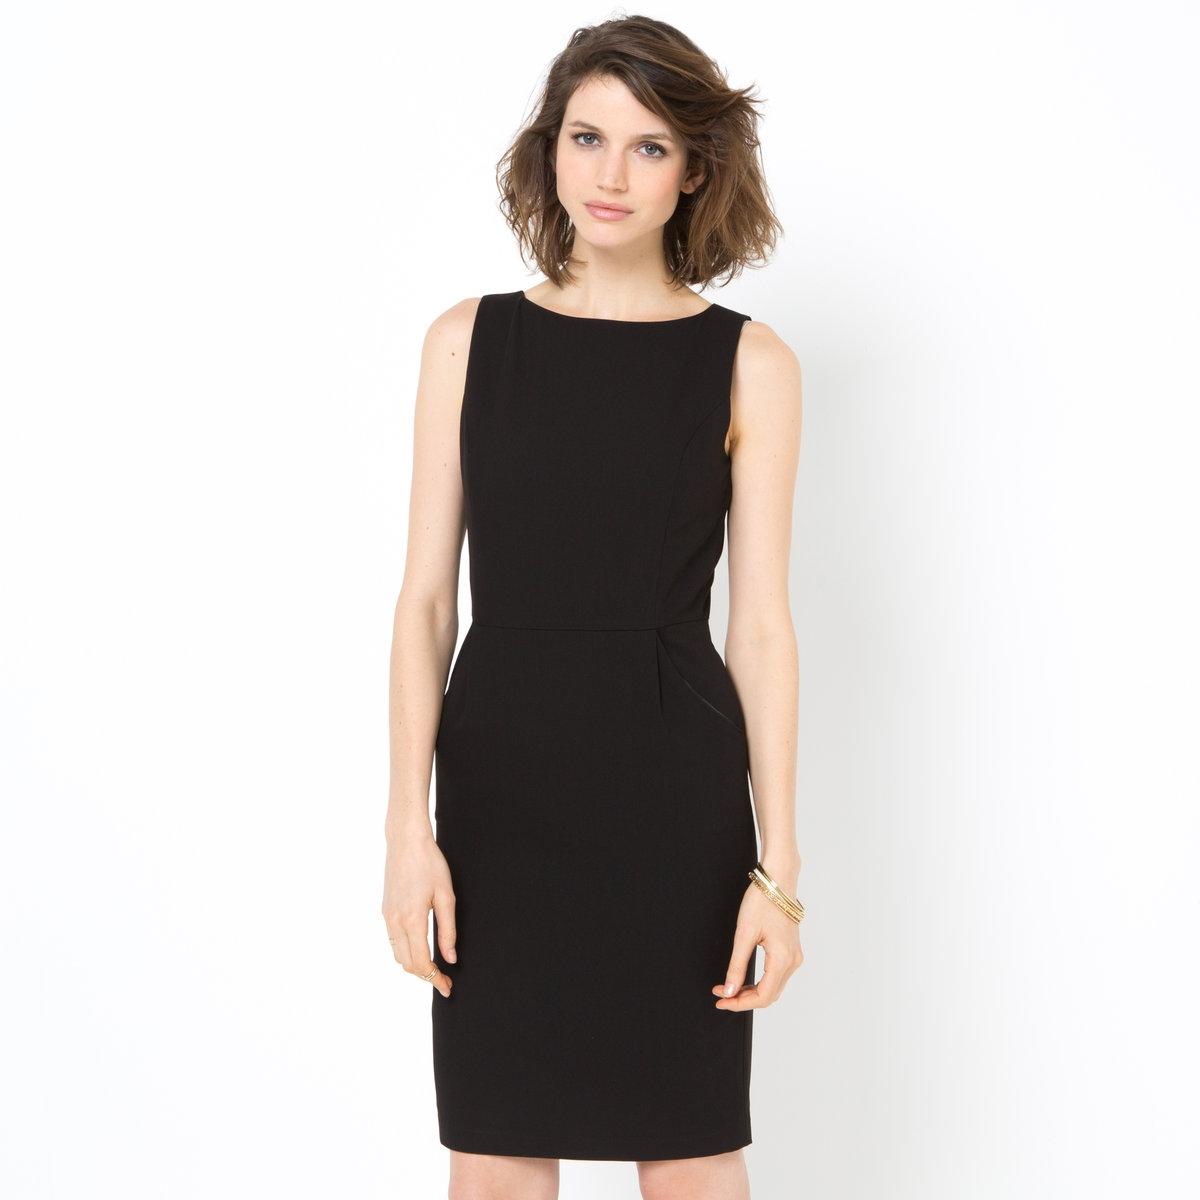 Платье из саржи стретчЗастежка на скрытую молнию сзади. Подкладка из полиэстера. Длина 94 см.<br><br>Цвет: серый меланж,черный<br>Размер: 50 (FR) - 56 (RUS)